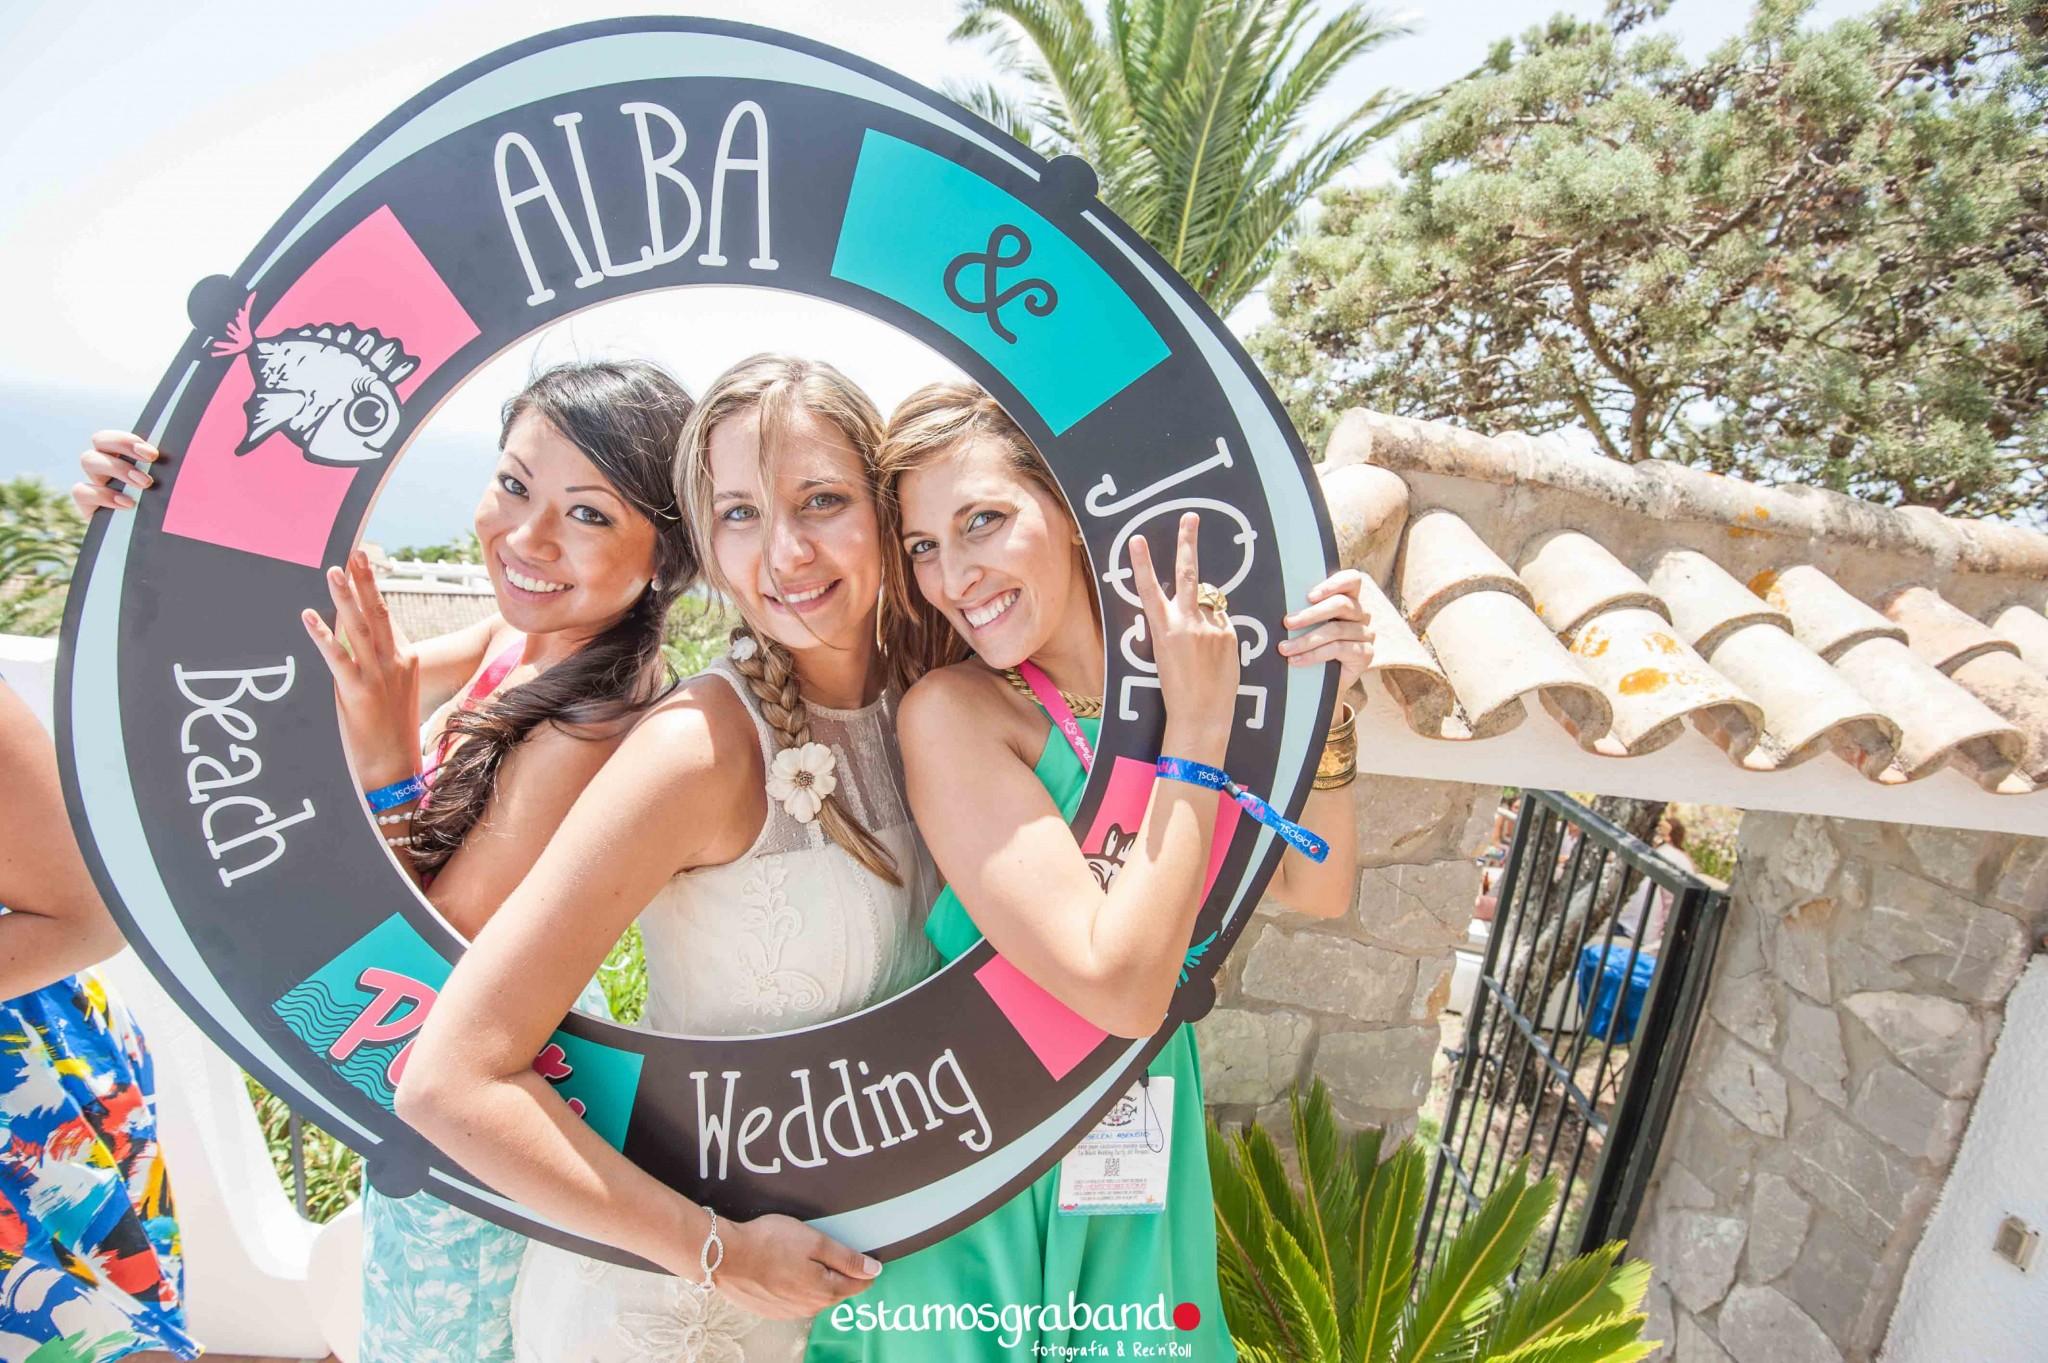 Alba-y-Jose-BTTW-9 Los invitados de Alba & Jose [Back to the wedding_Atlanterra, Zahara de los Atunes] - video boda cadiz